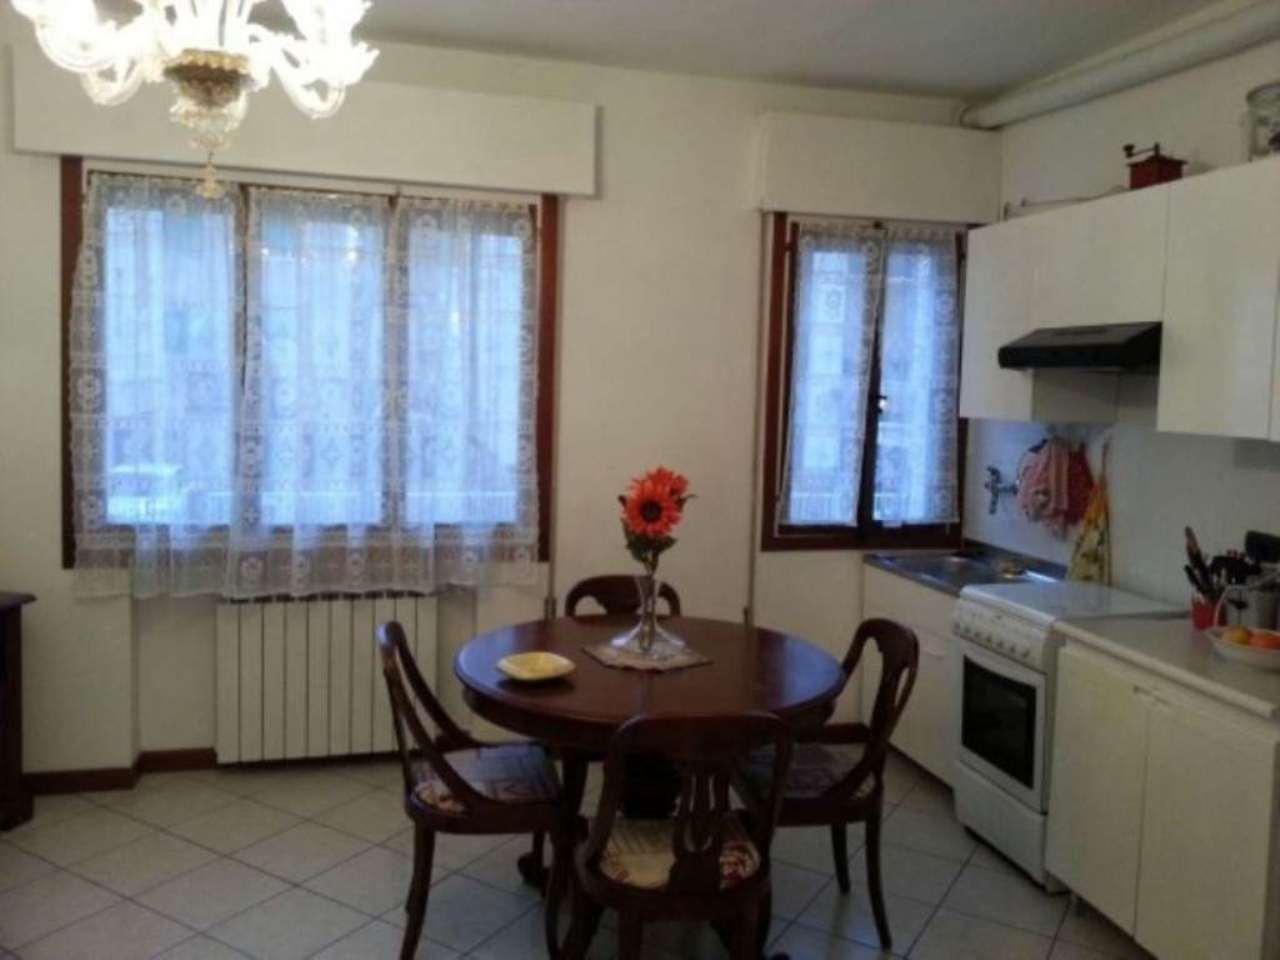 Appartamento in vendita a Venezia, 4 locali, zona Zona: 14 . Favaro Veneto, prezzo € 110.000 | Cambio Casa.it